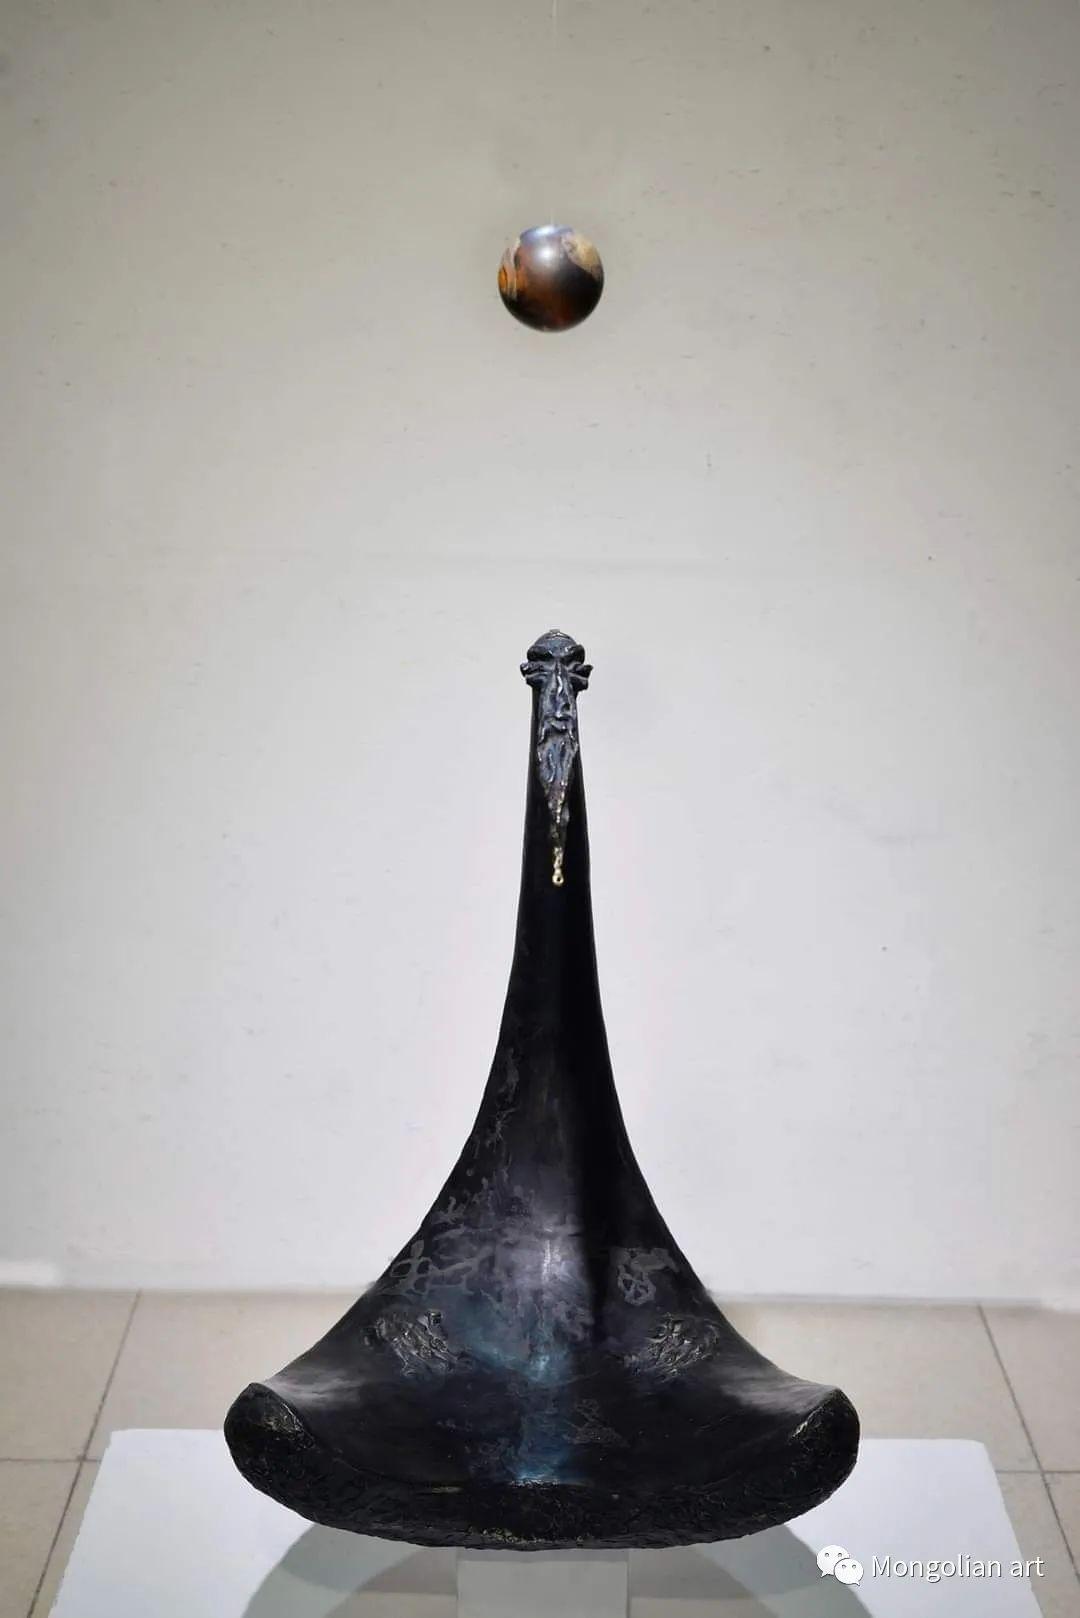 蒙古国美术家协会会员雕塑家 Davaadorj Ankhbayar 第13张 蒙古国美术家协会会员雕塑家 Davaadorj Ankhbayar 蒙古画廊